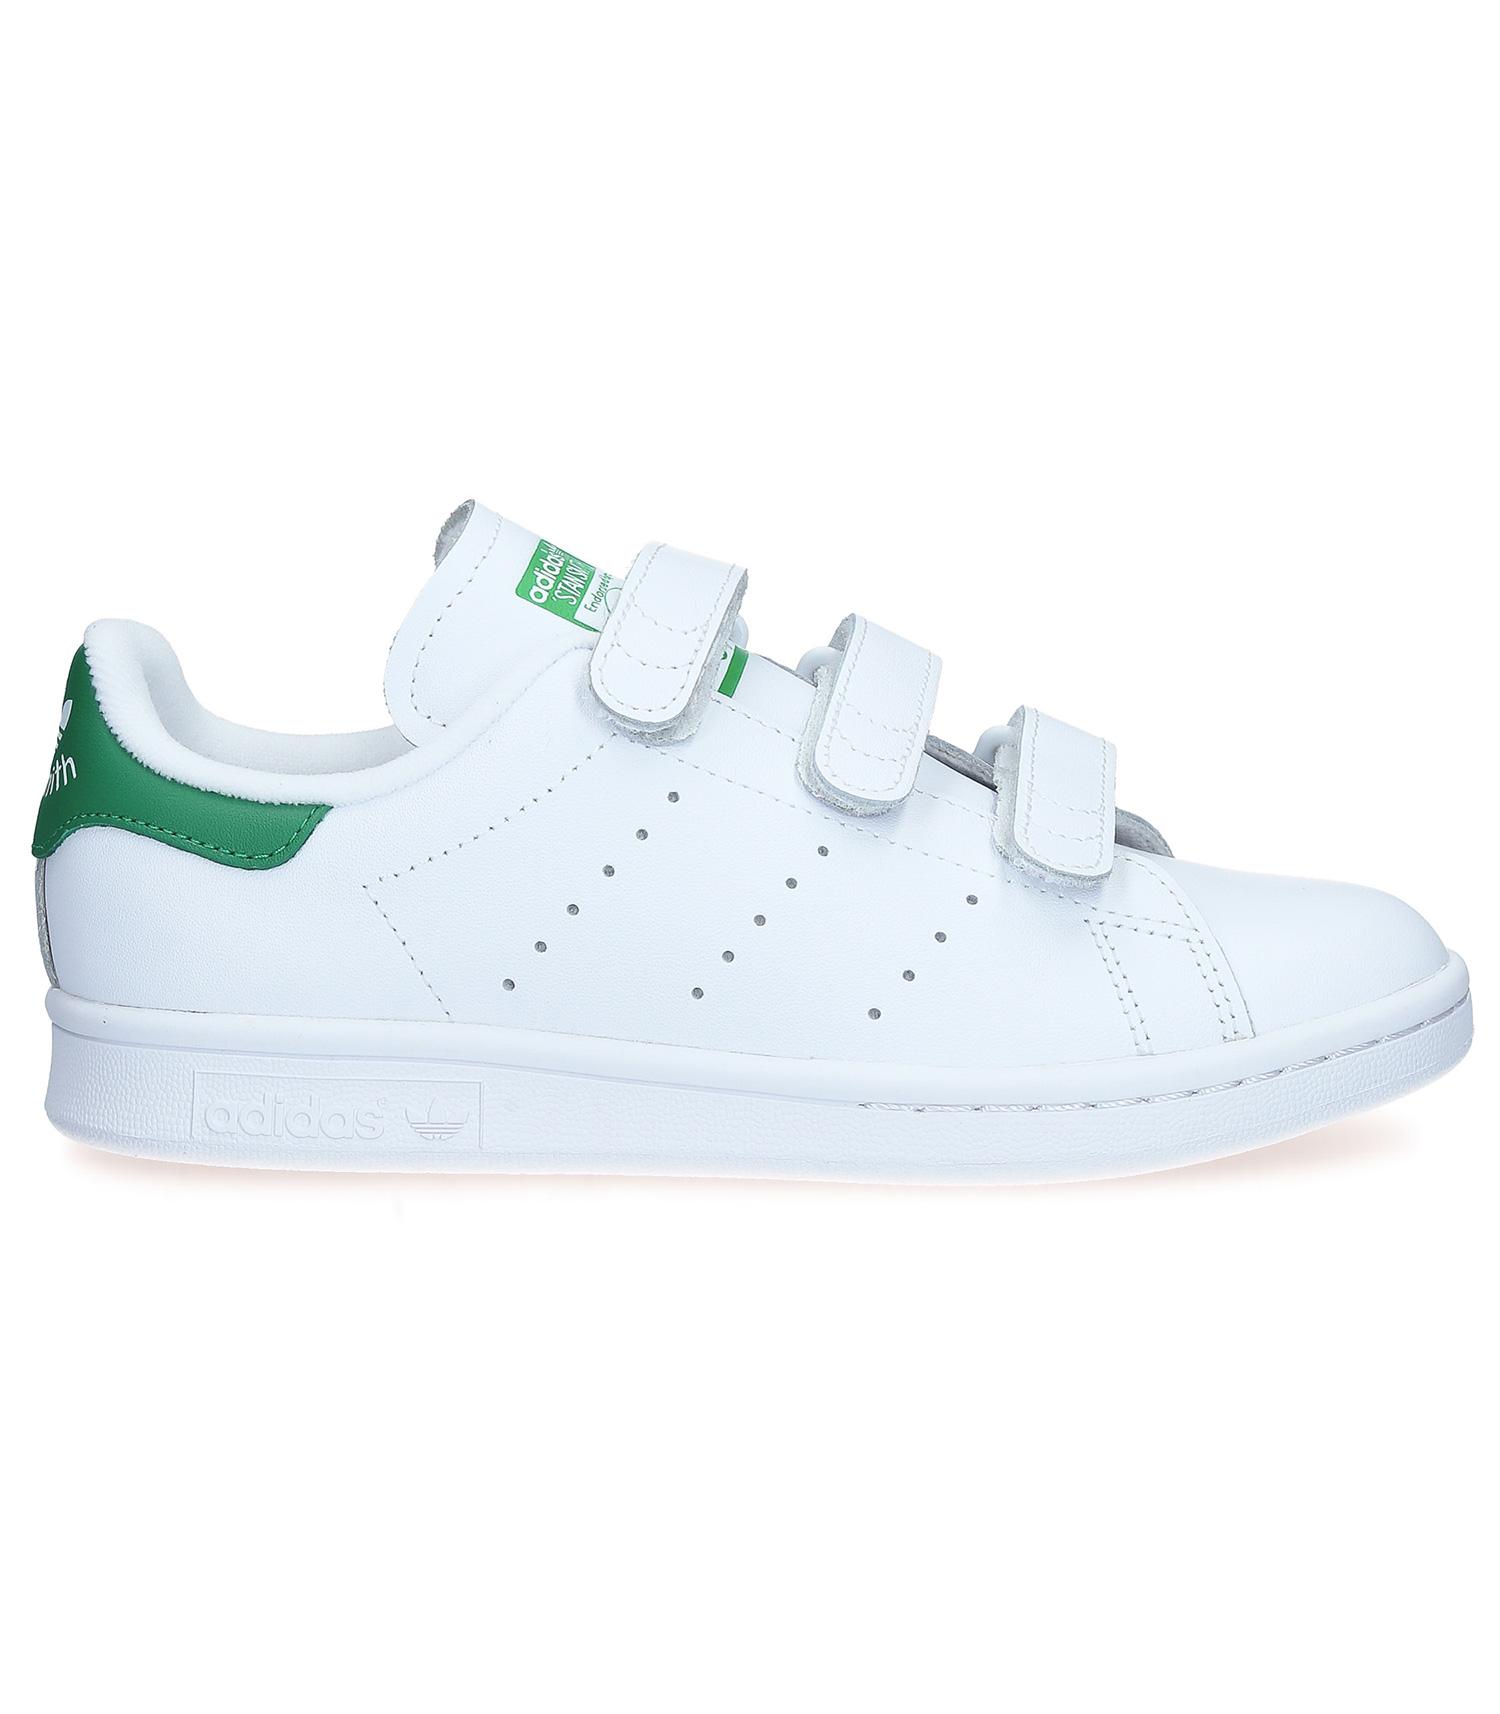 Sneakers Stan Smith CF Blanc/Vert adidas Originals - Jane de Boy